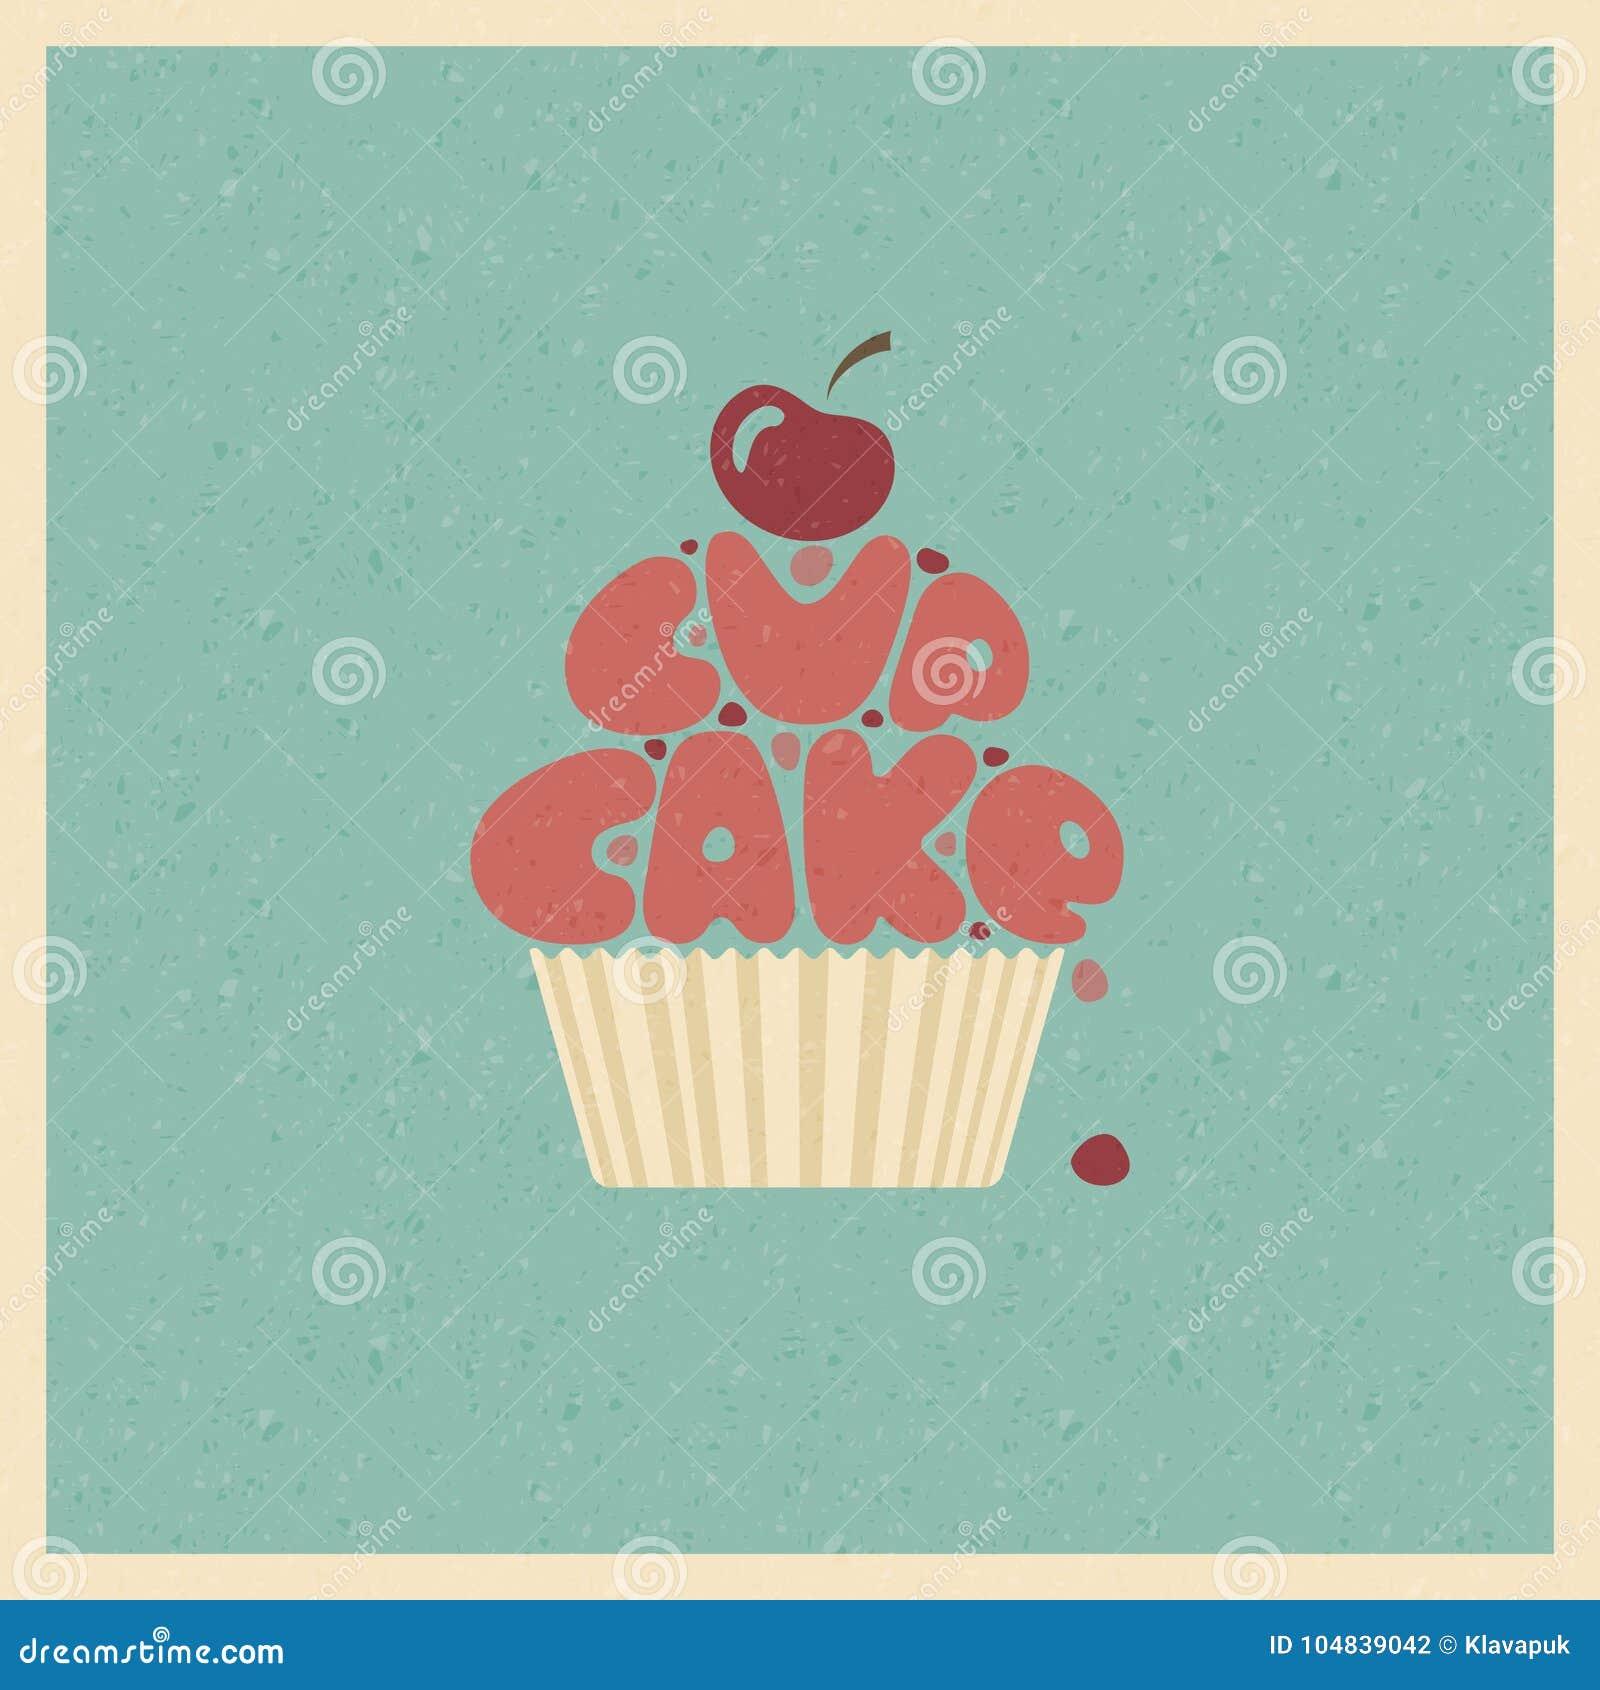 Cupcake Immagine Stilizzata Di Vettore Illustrazione